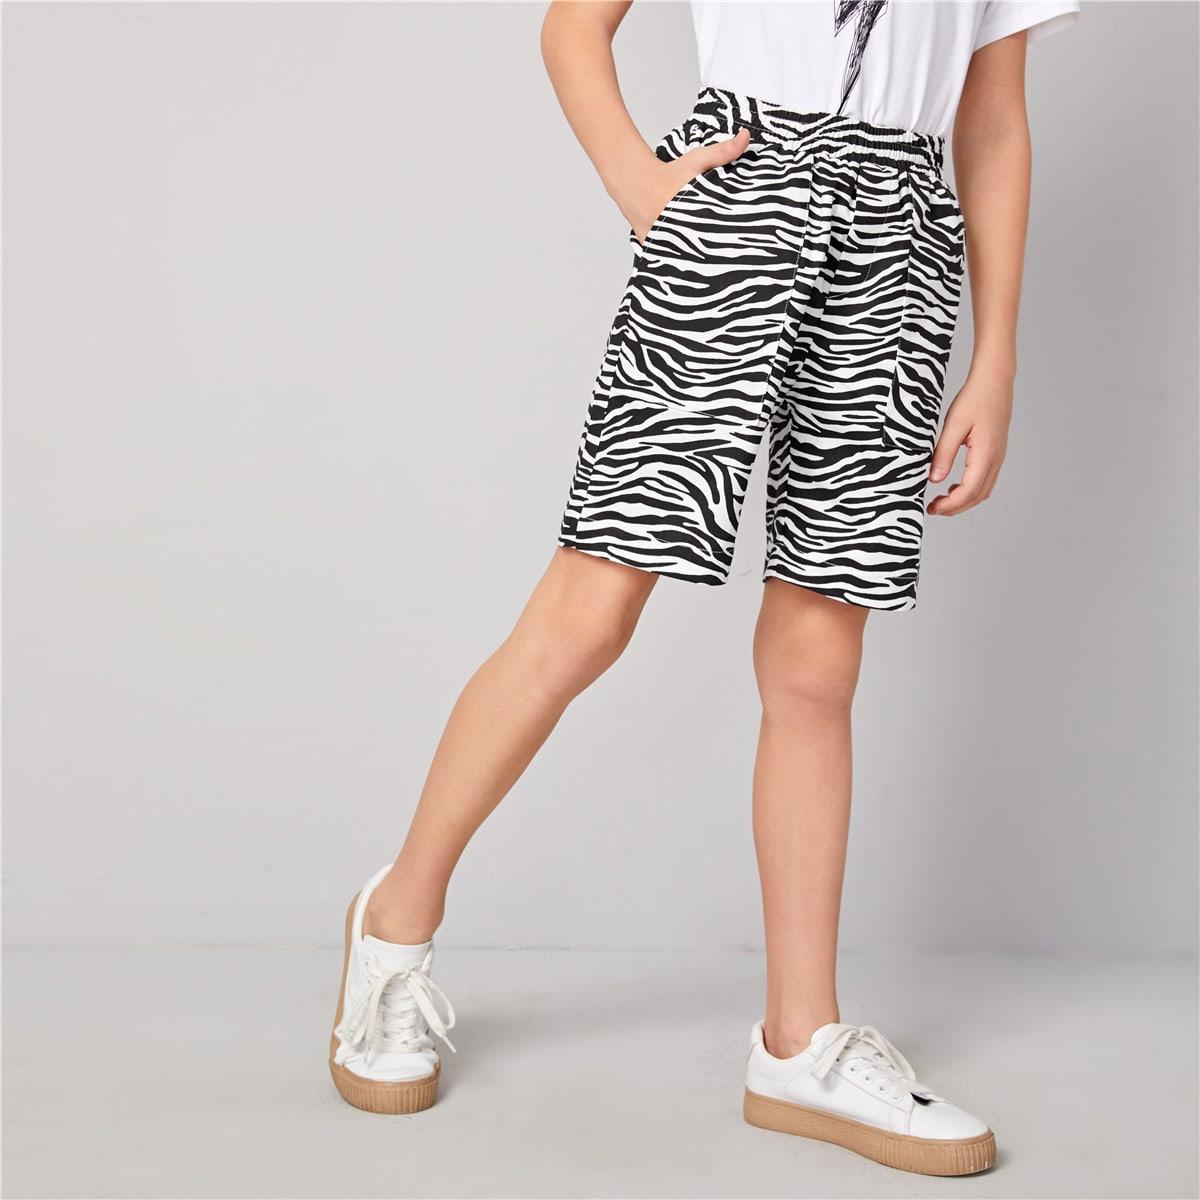 Зебровые полосатые шорты с карманом для мальчиков от SHEIN